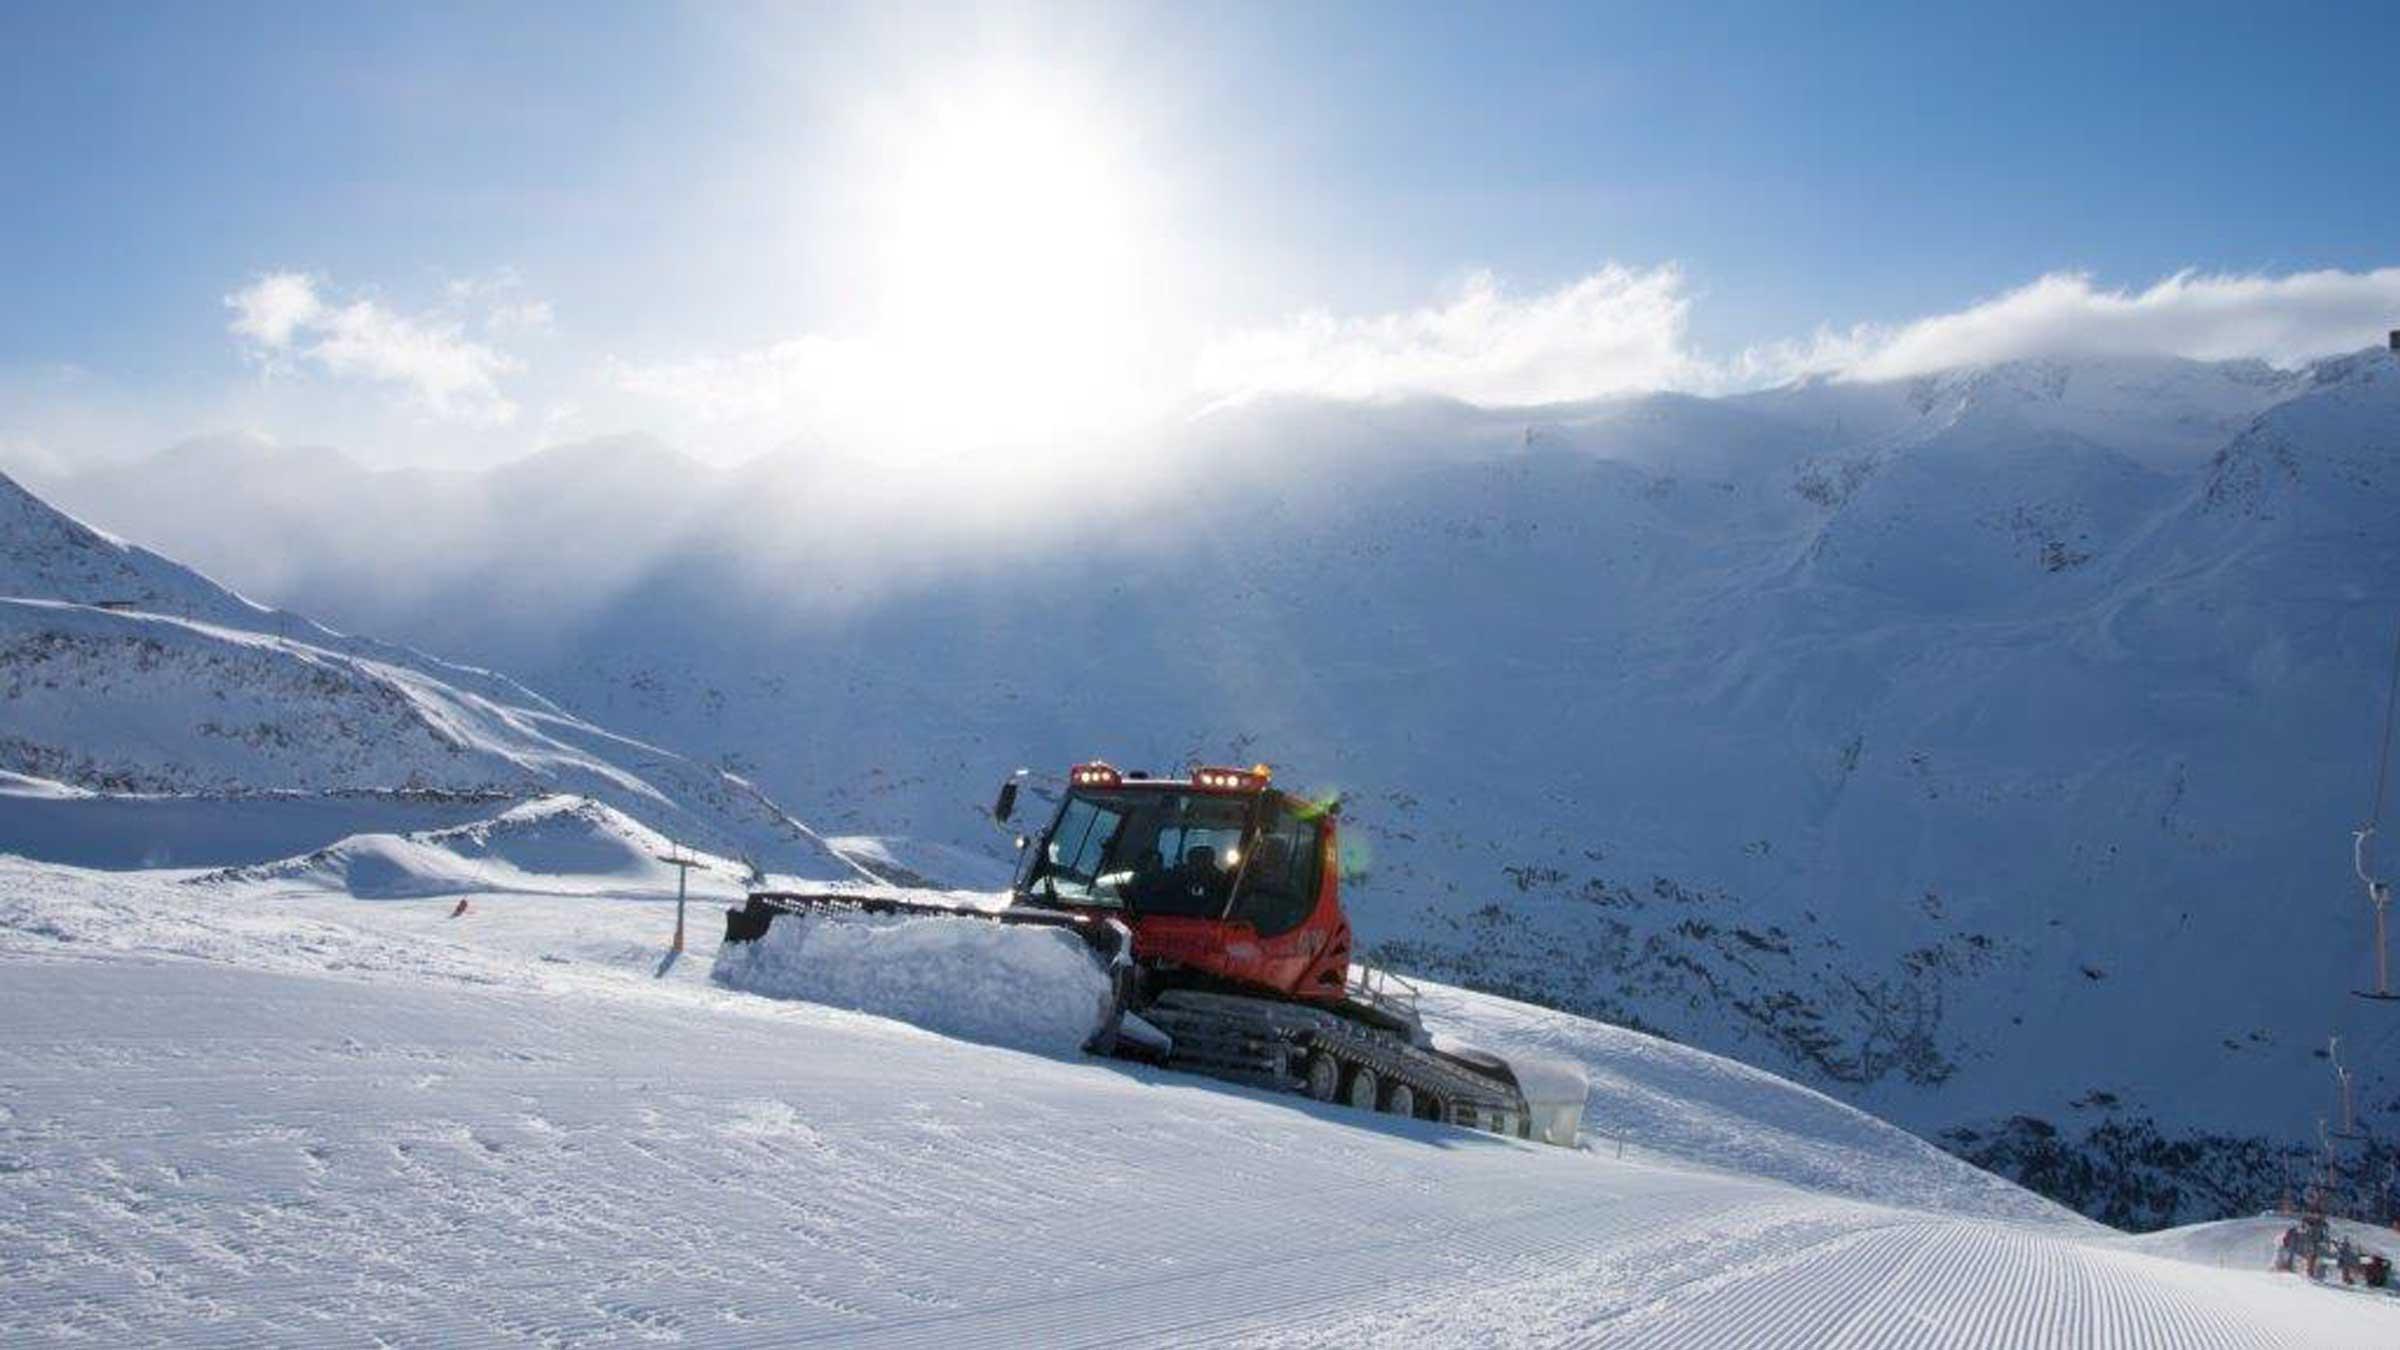 PIstenbully bei der Arbeit - Powder Snow Week Obergurgl-Hochgurgl